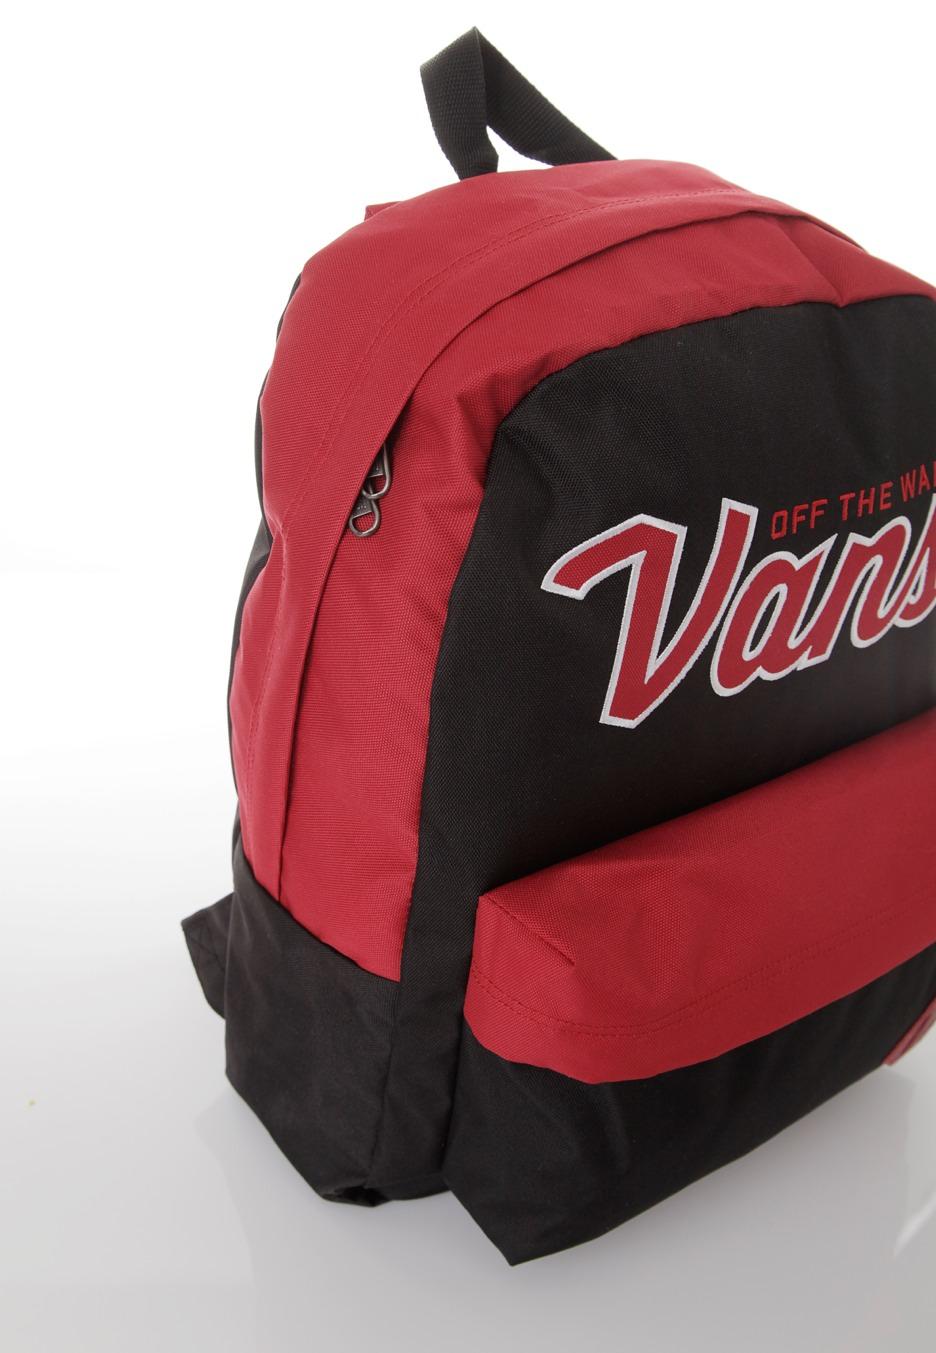 Vans - Old Skool II Jester Red Black - Backpack - Impericon.com AU 1978ff4e86aff